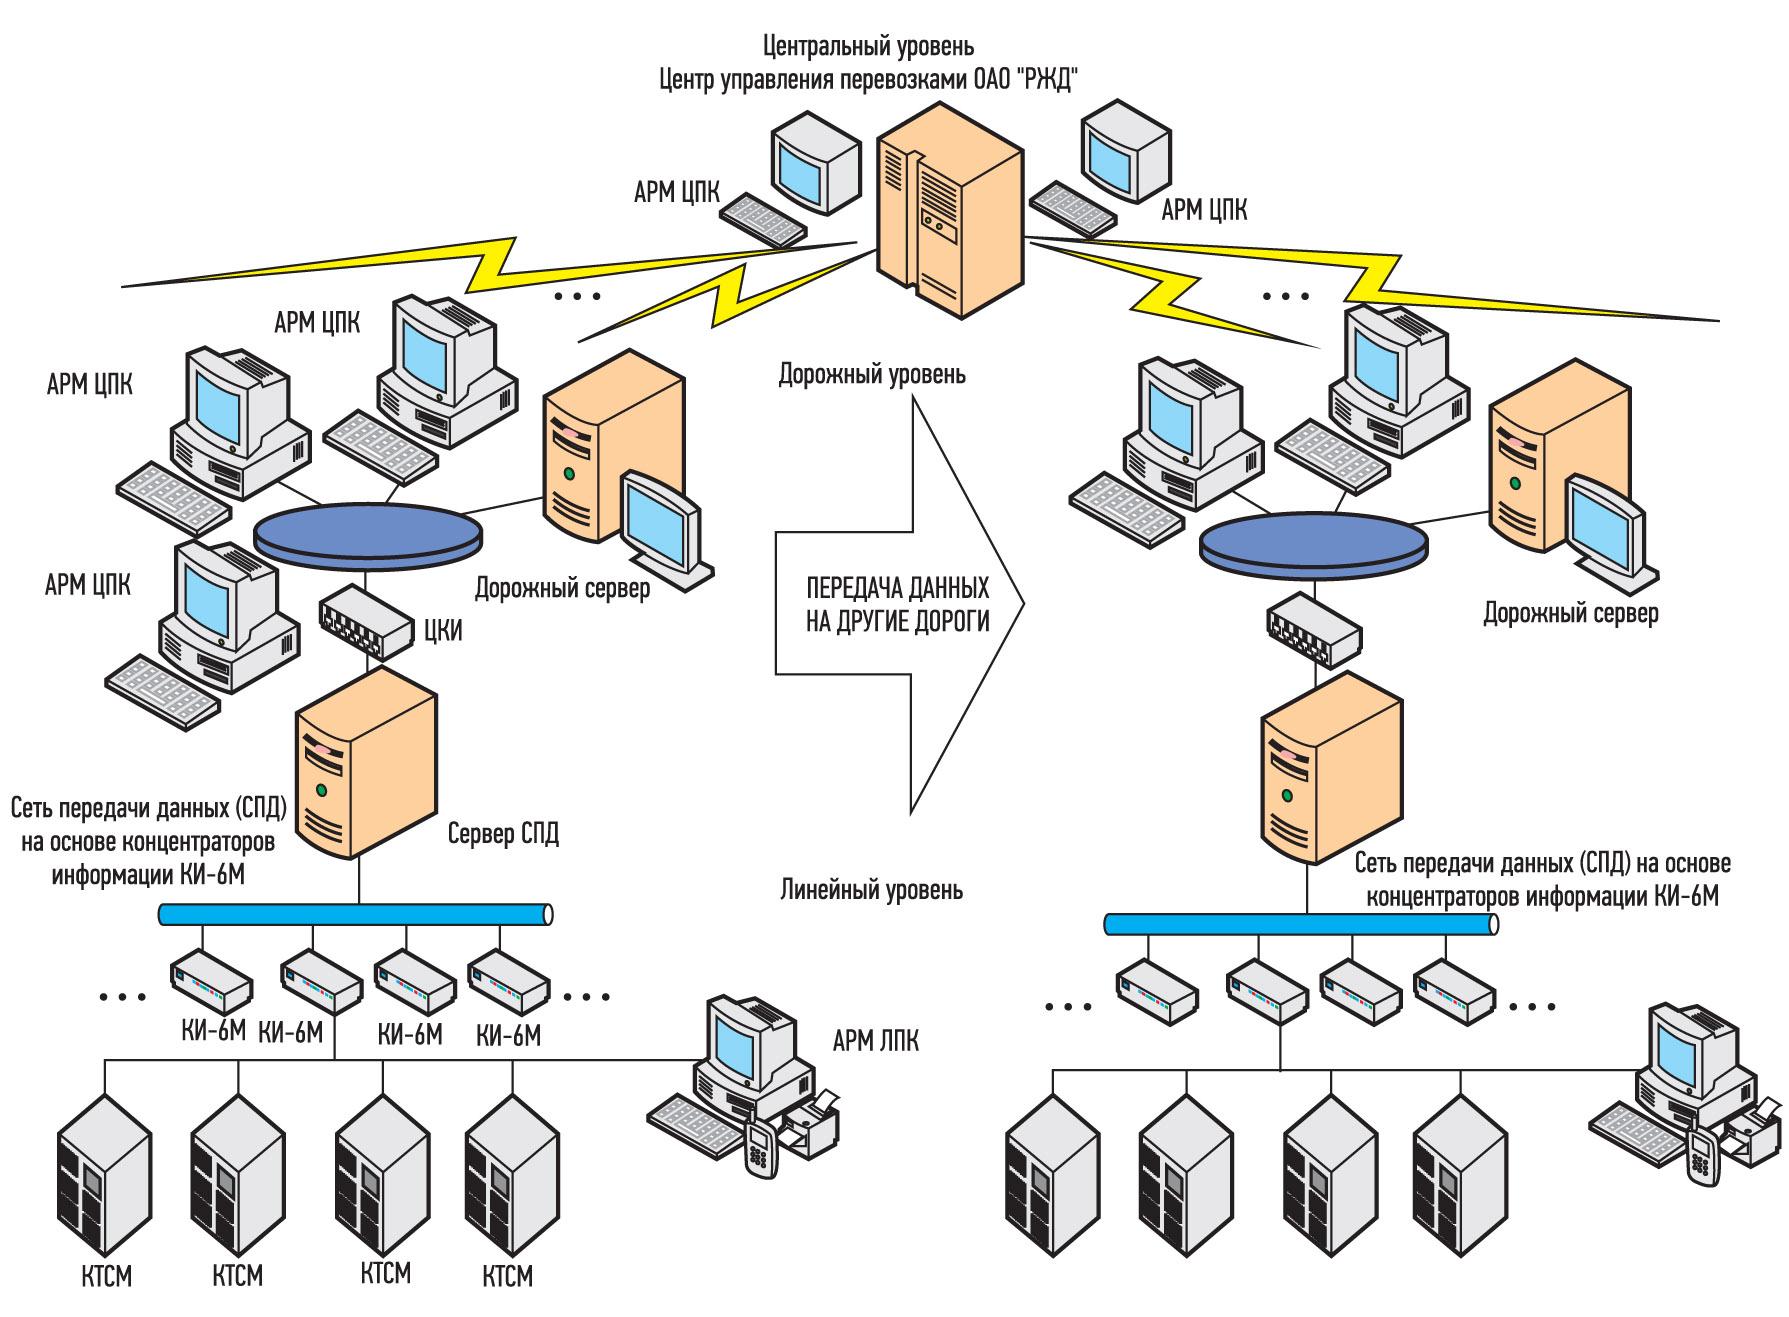 Структурная схема автоматизированной системы контроля подвижного состава (АСК ПС)